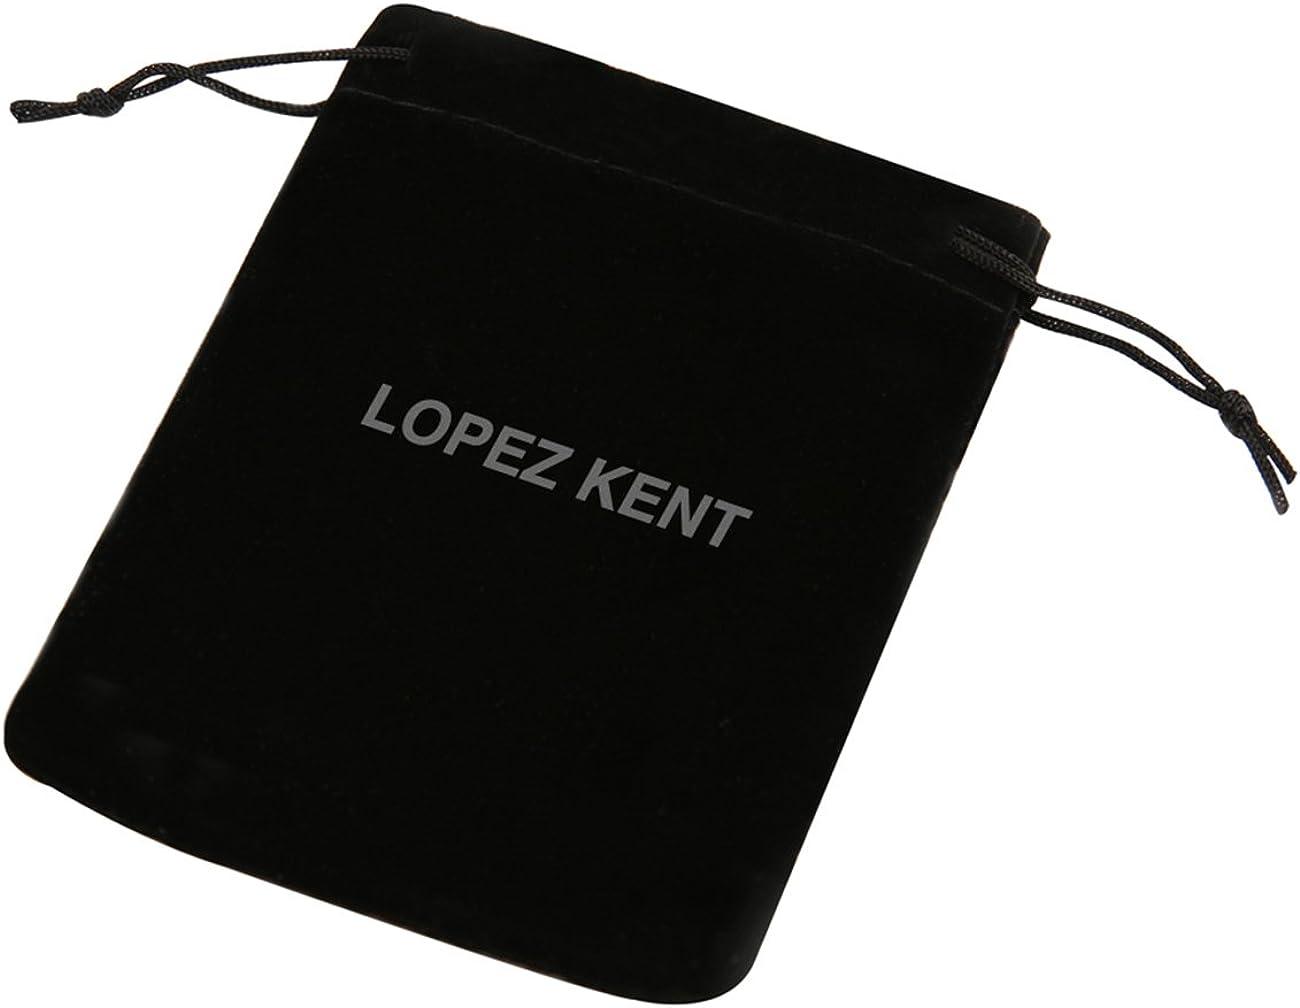 LOPEZ KENT Mode Musique Anneaux en Acier Titane Guitare